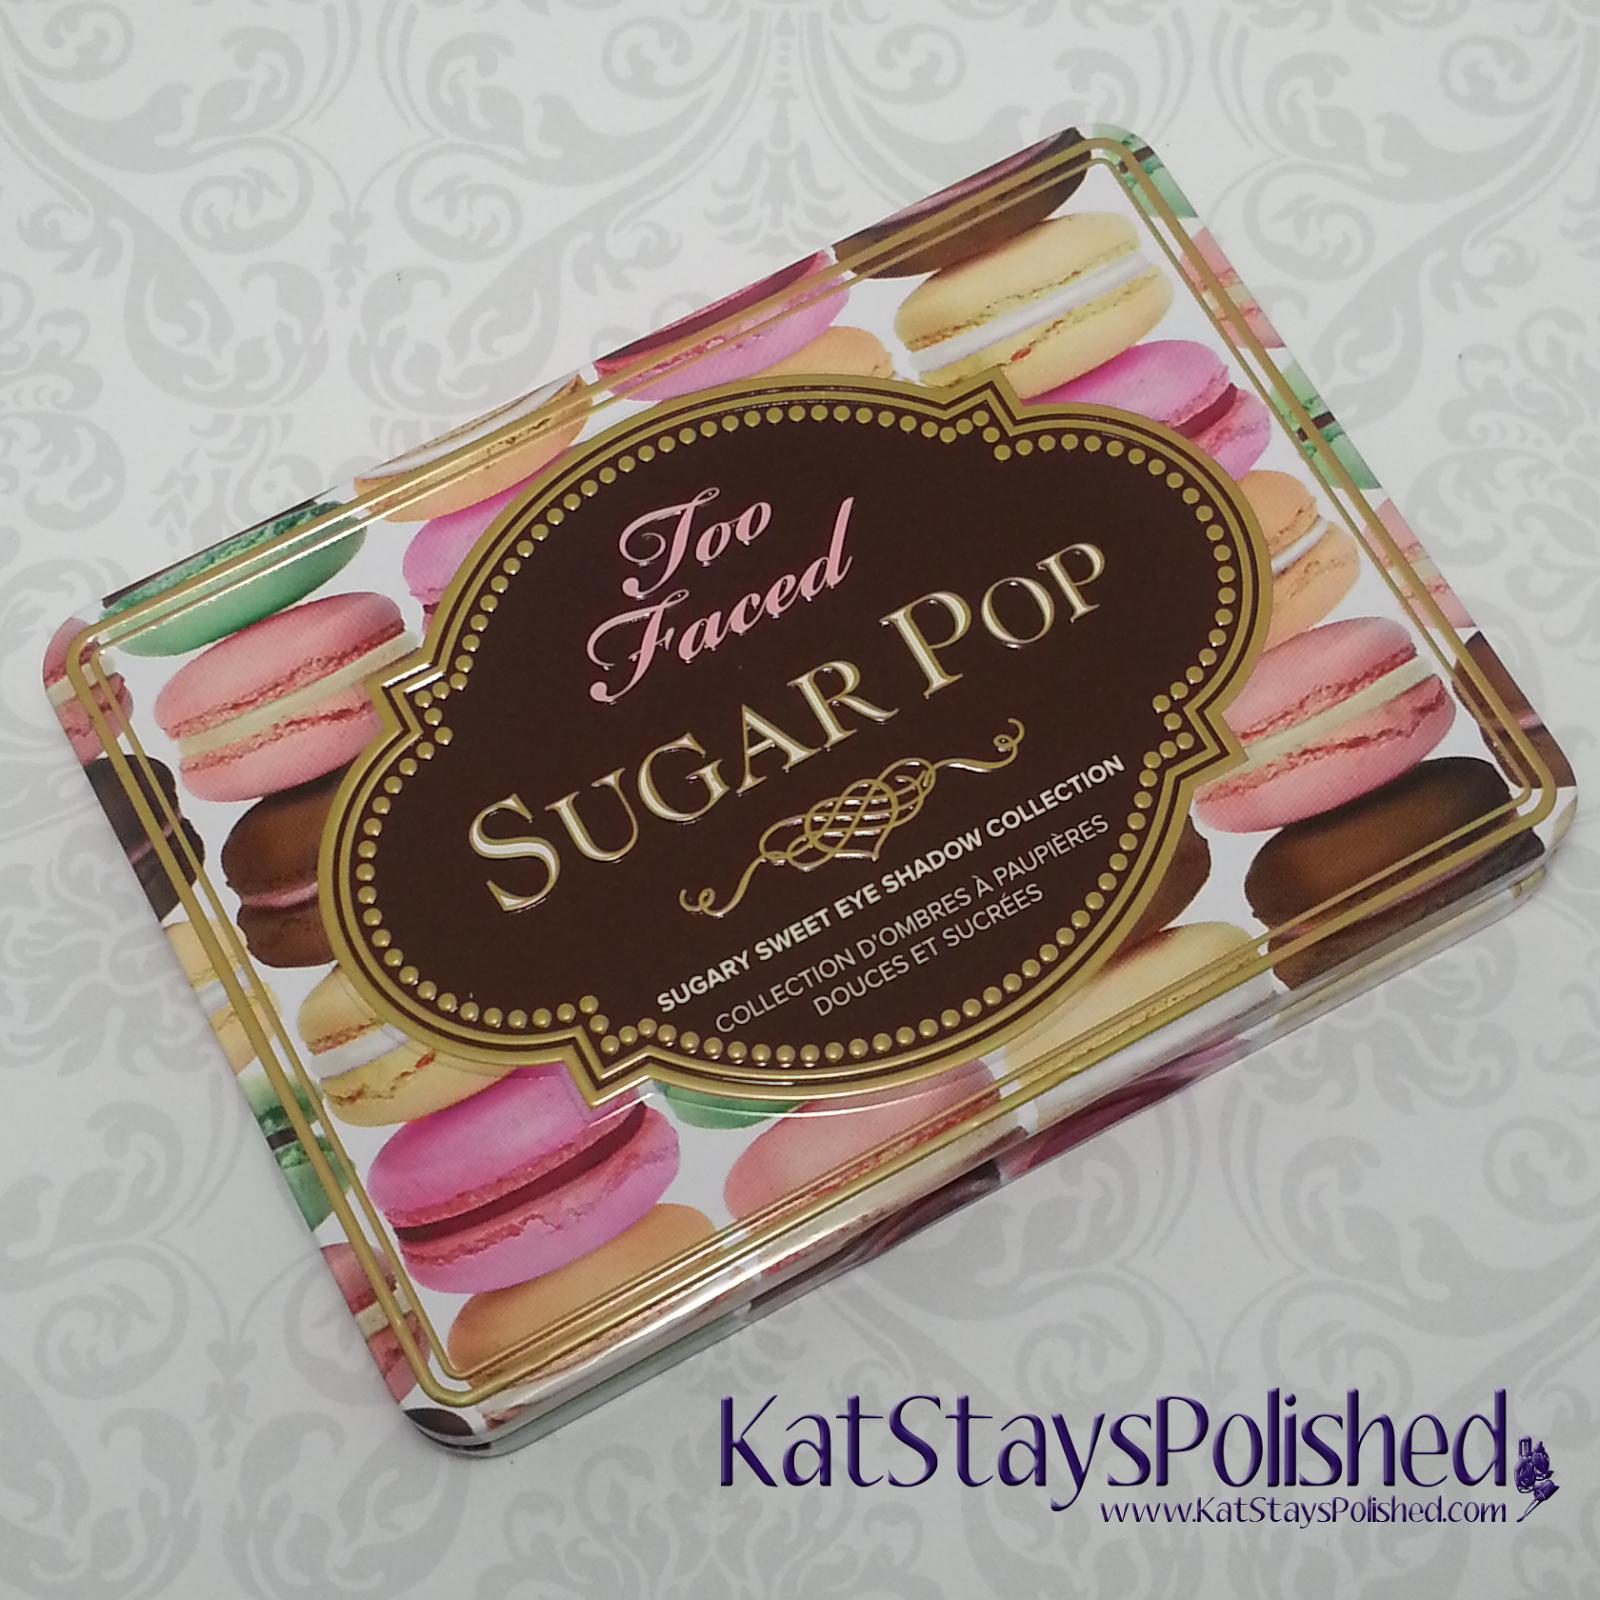 Too Faced Sugar Pop Palette | Kat Stays Polished